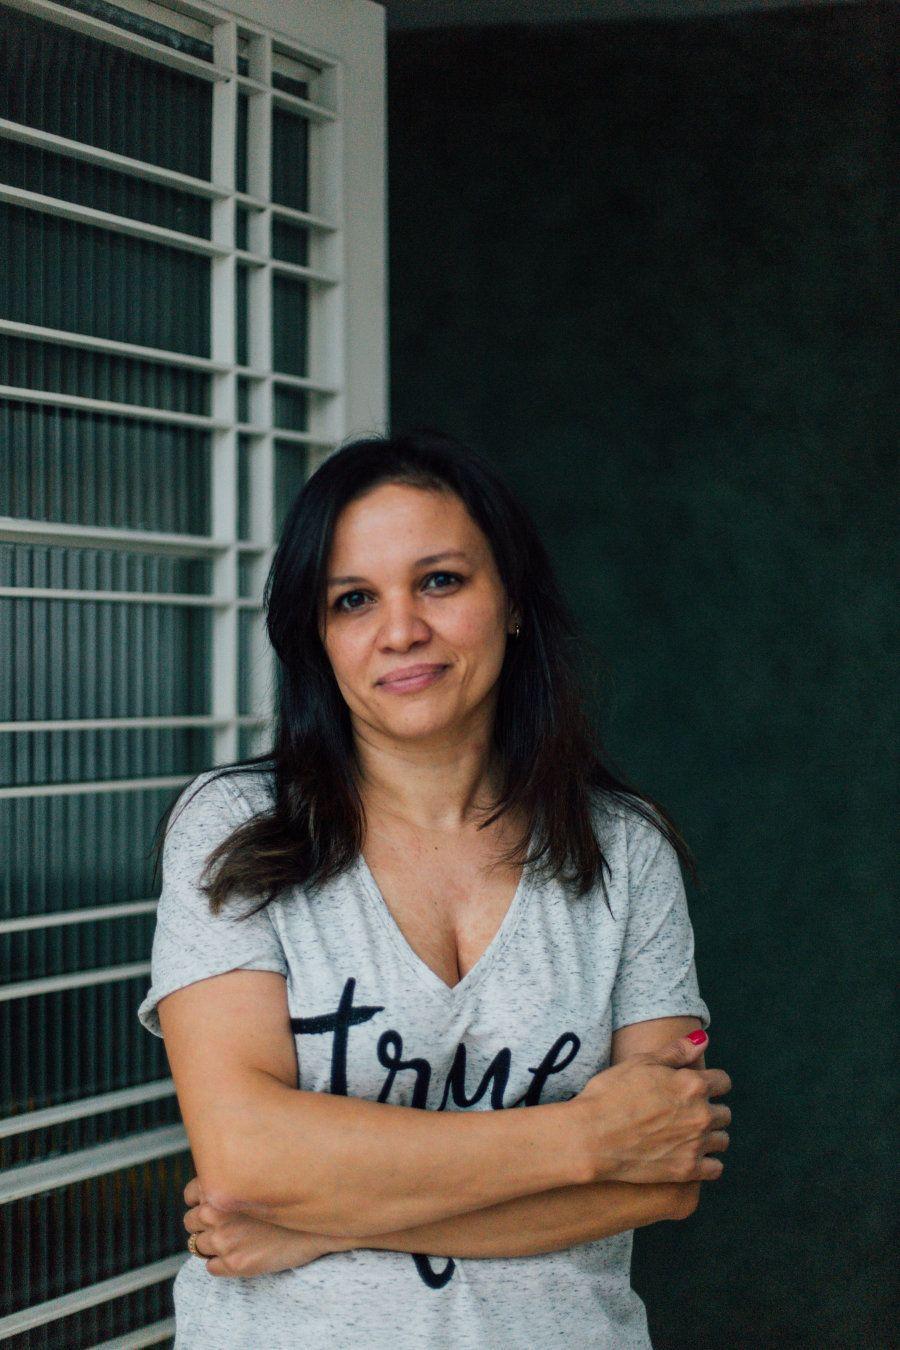 Renata sempre trabalhou como massoterapeuta, mas se virava com